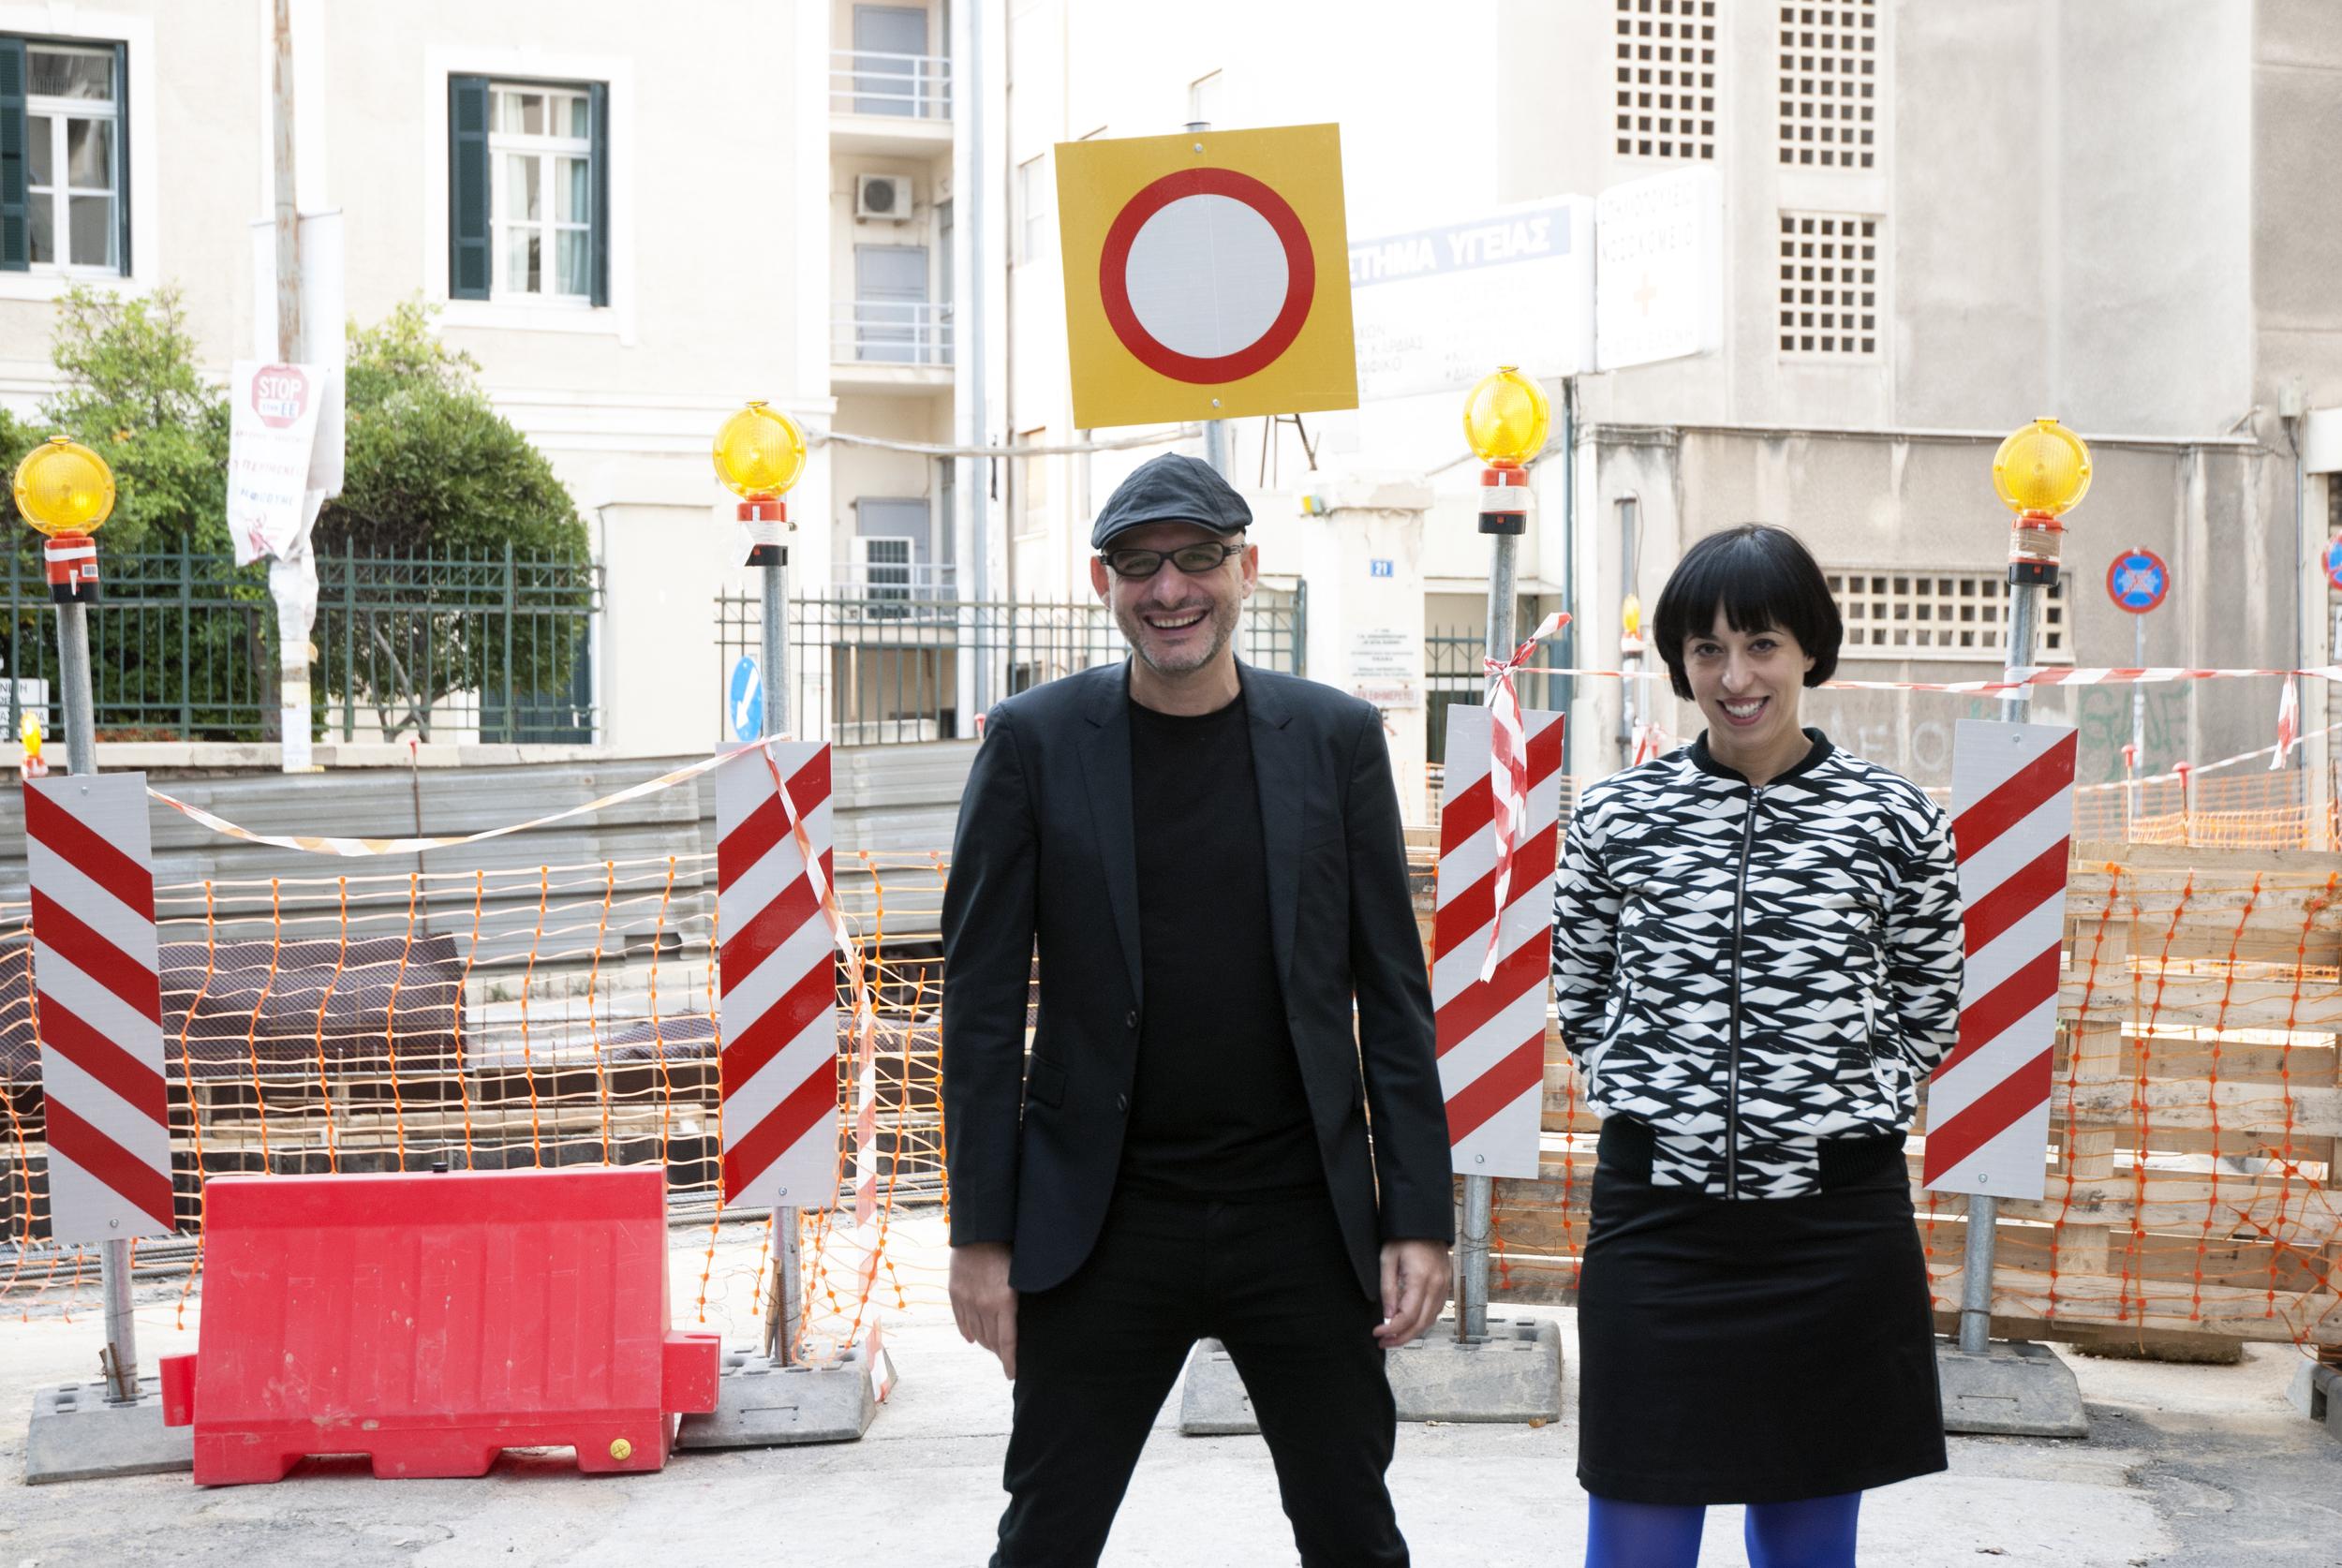 Athens Biennale co-founders Poka-Yio & Xenia Kalpaktsoglou.Photo ©Spyros Staveris